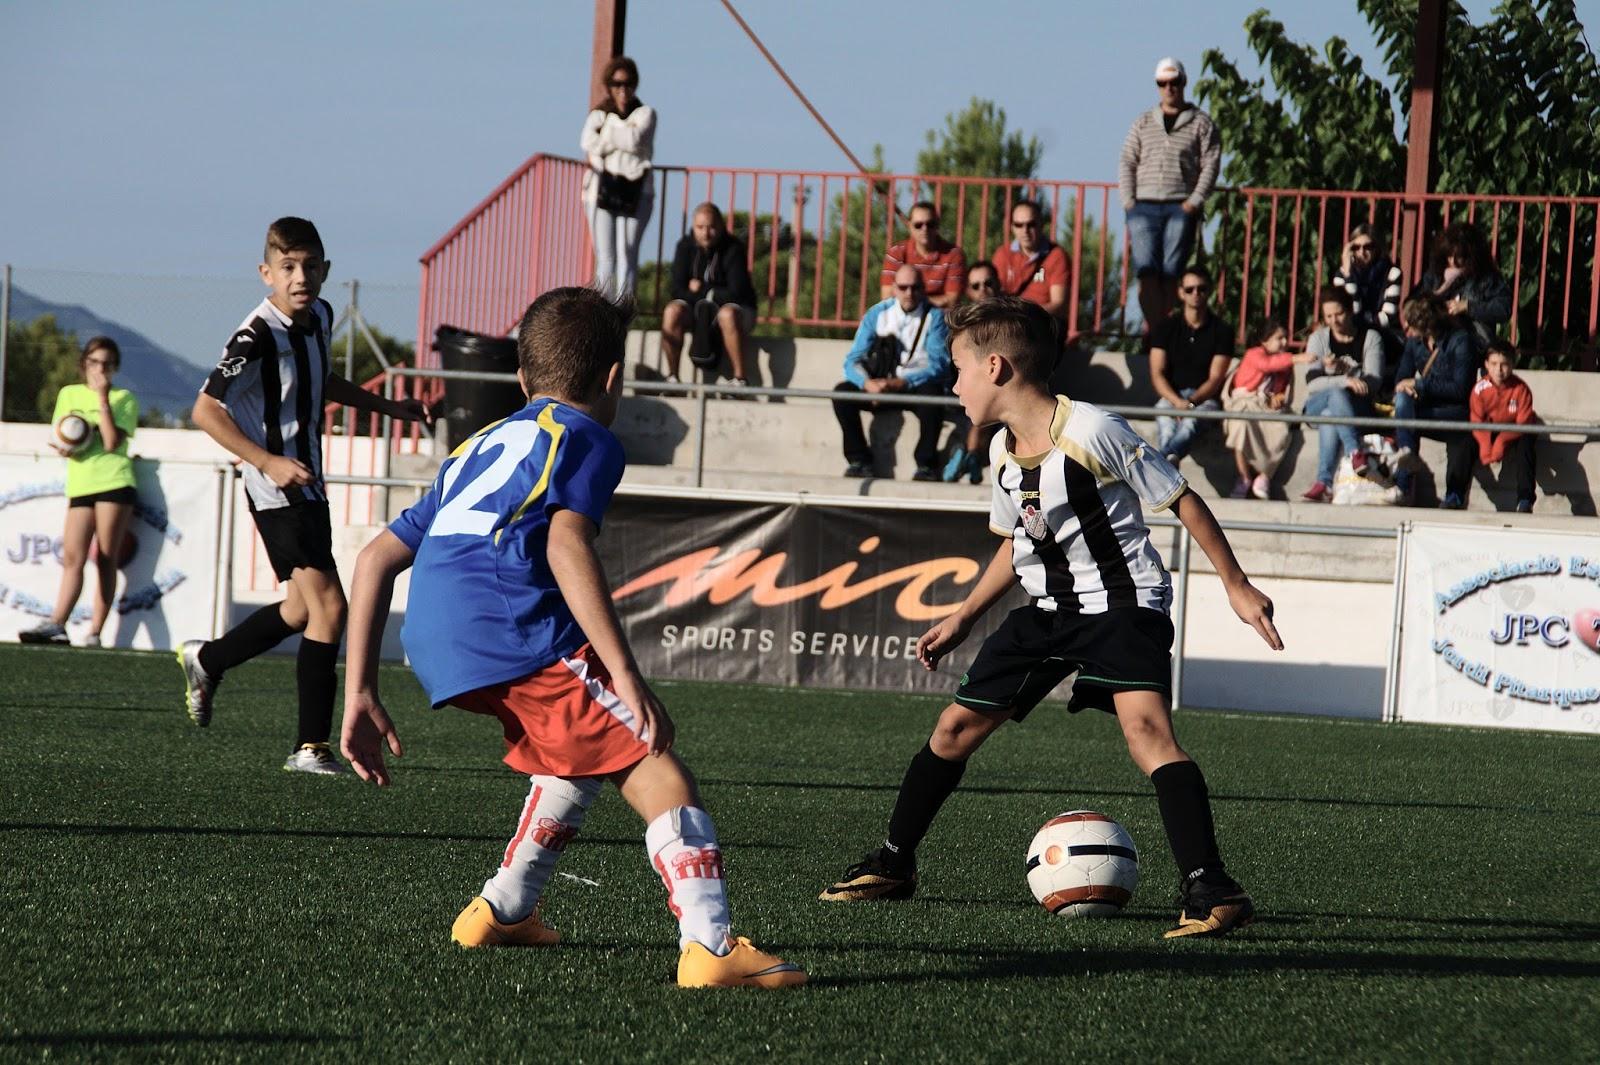 V torneig Jordi Pitarque Cepria